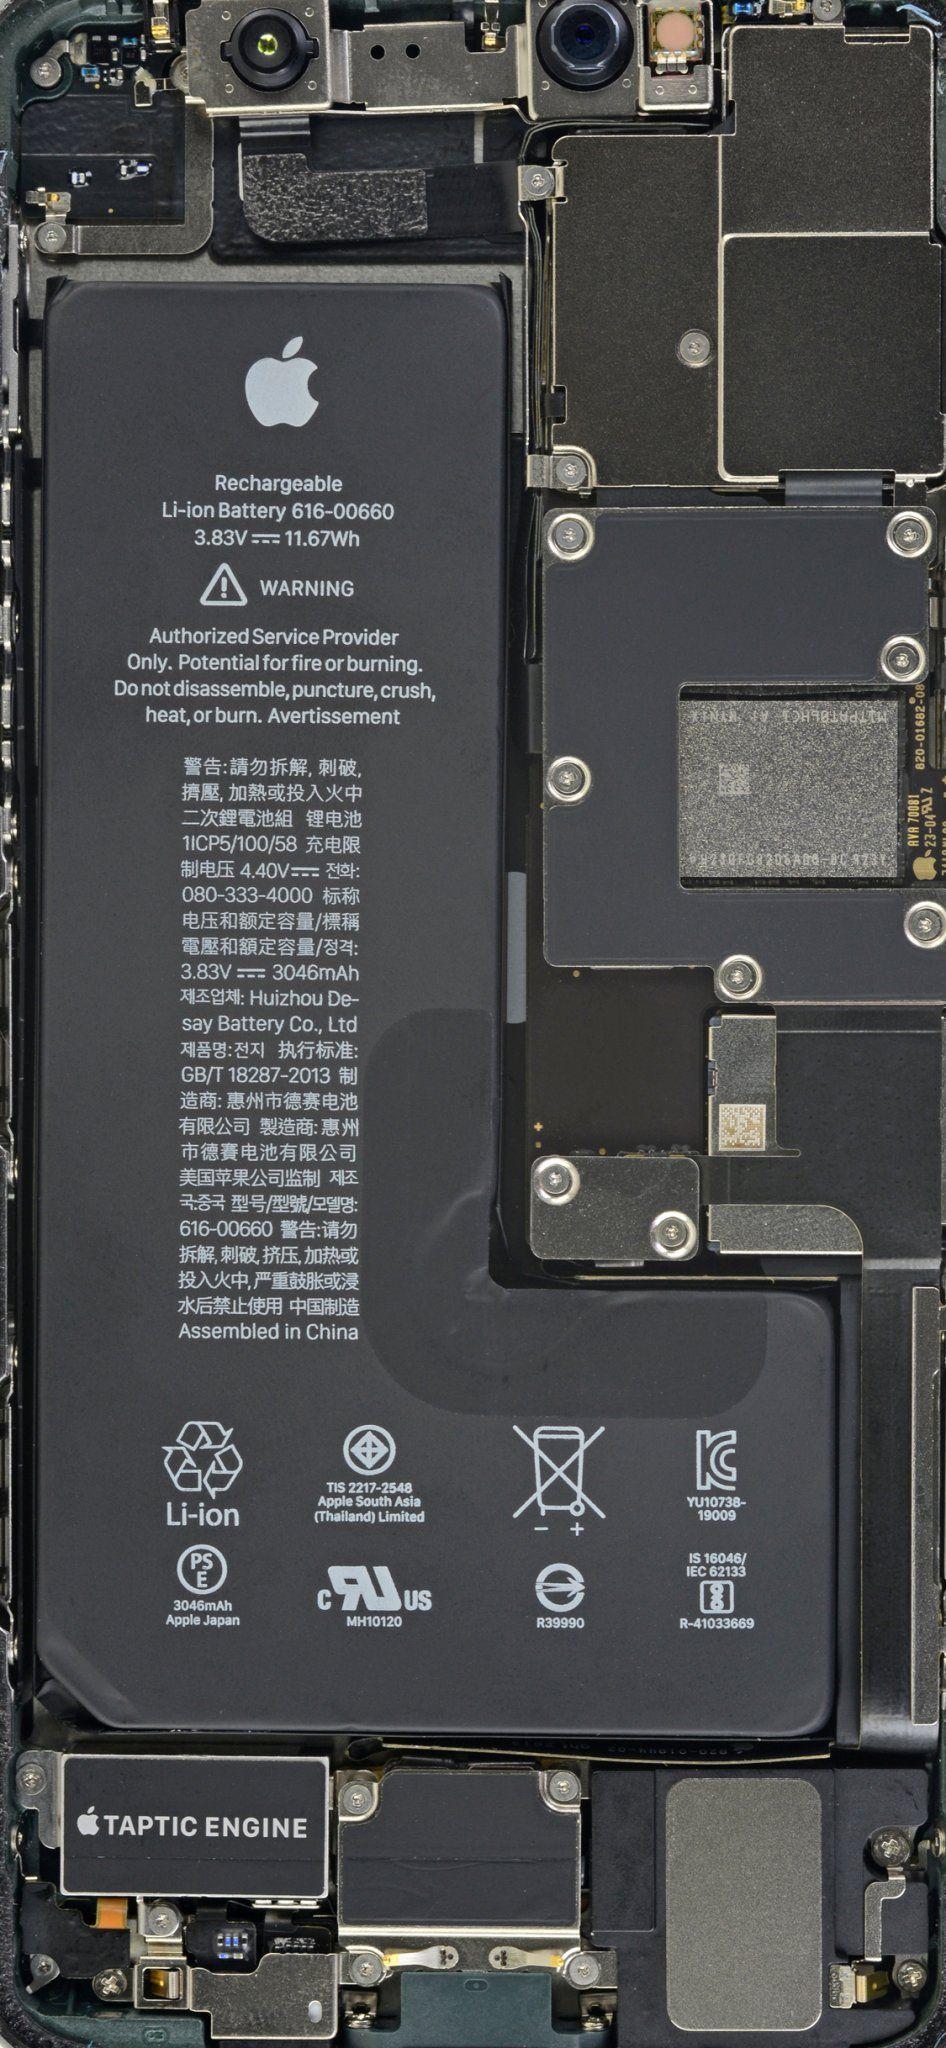 Hintergrund Iphone 11 Pro Max - My Blog